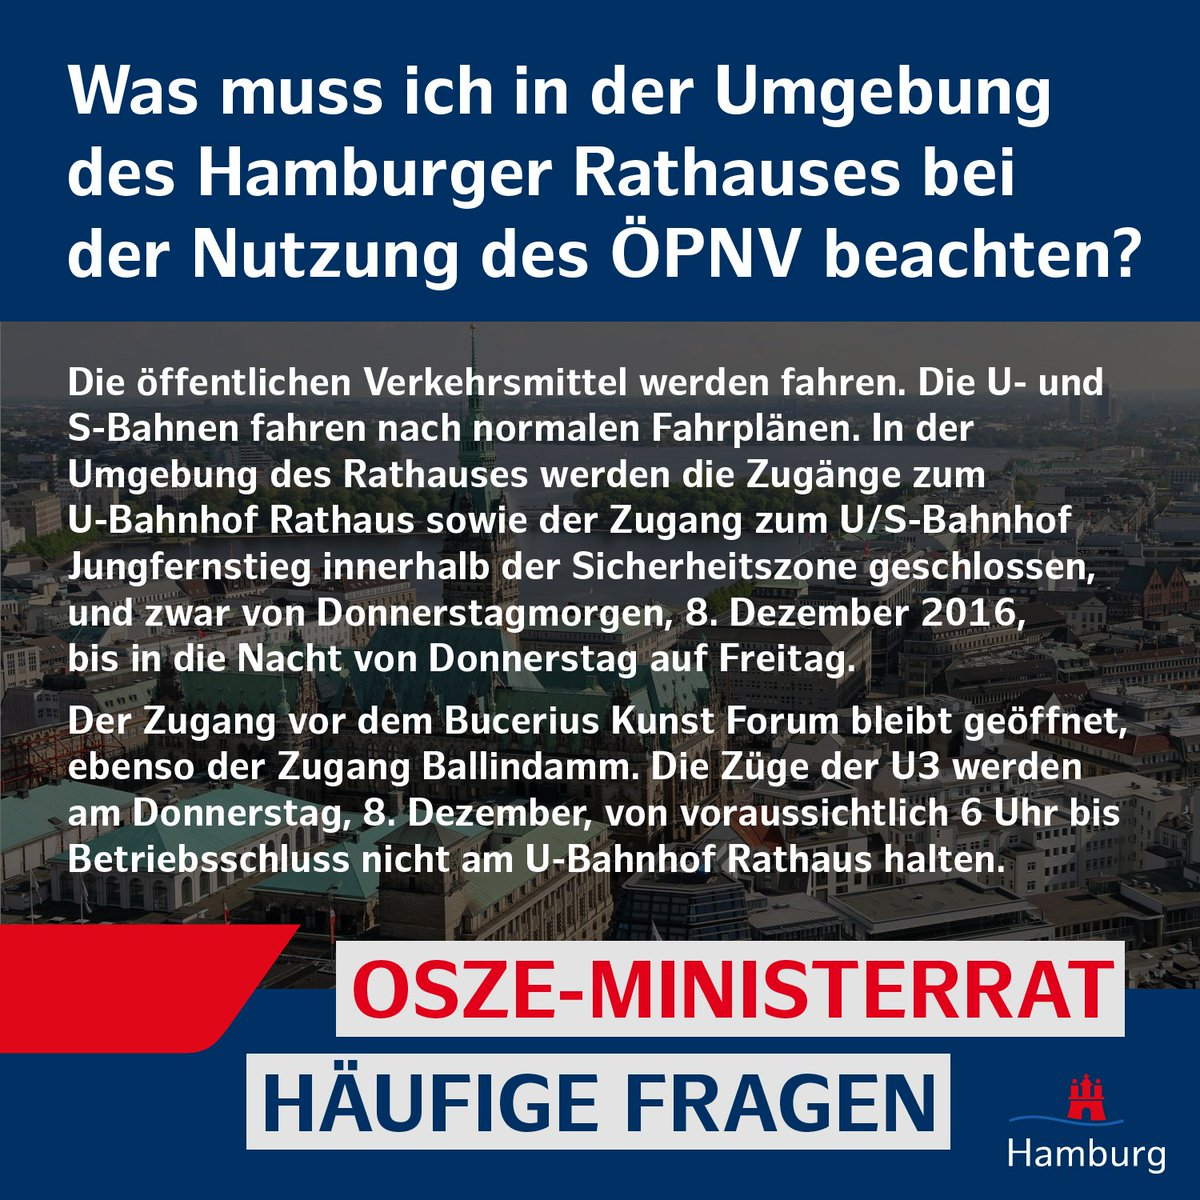 Häufige Fragen zum #OSZE-Ministerrat in #Hamburg - Teil 7/10. Alle #FAQ finden Sie unter: https://t.co/RcGkB6GYyE https://t.co/xthFXArwVo